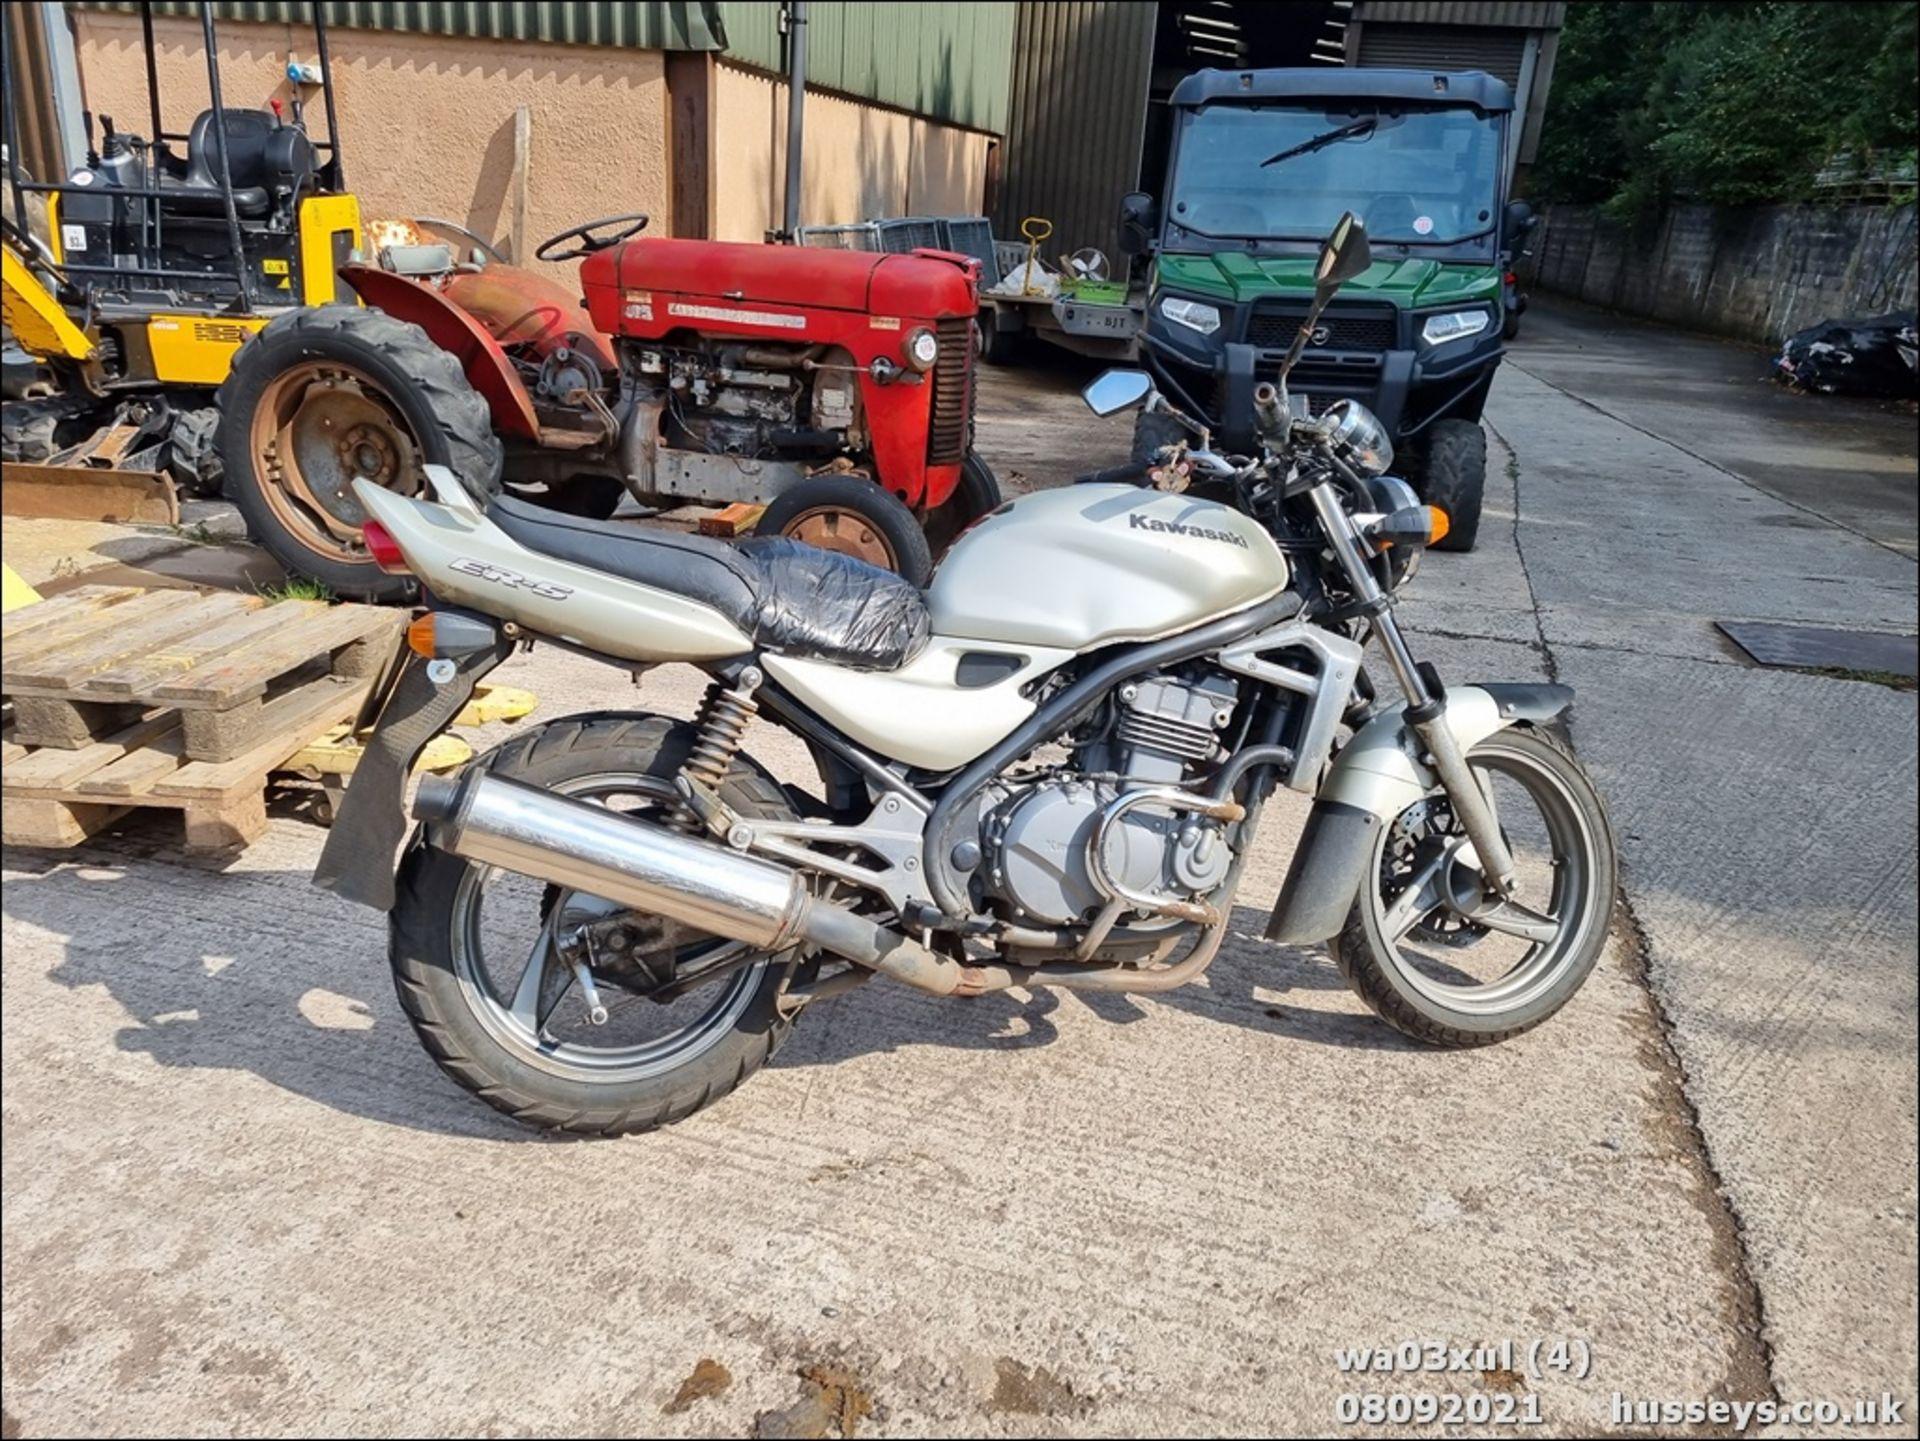 03/03 KAWASAKI ER500-C1 - 498cc Motorcycle (Gold) - Image 4 of 16